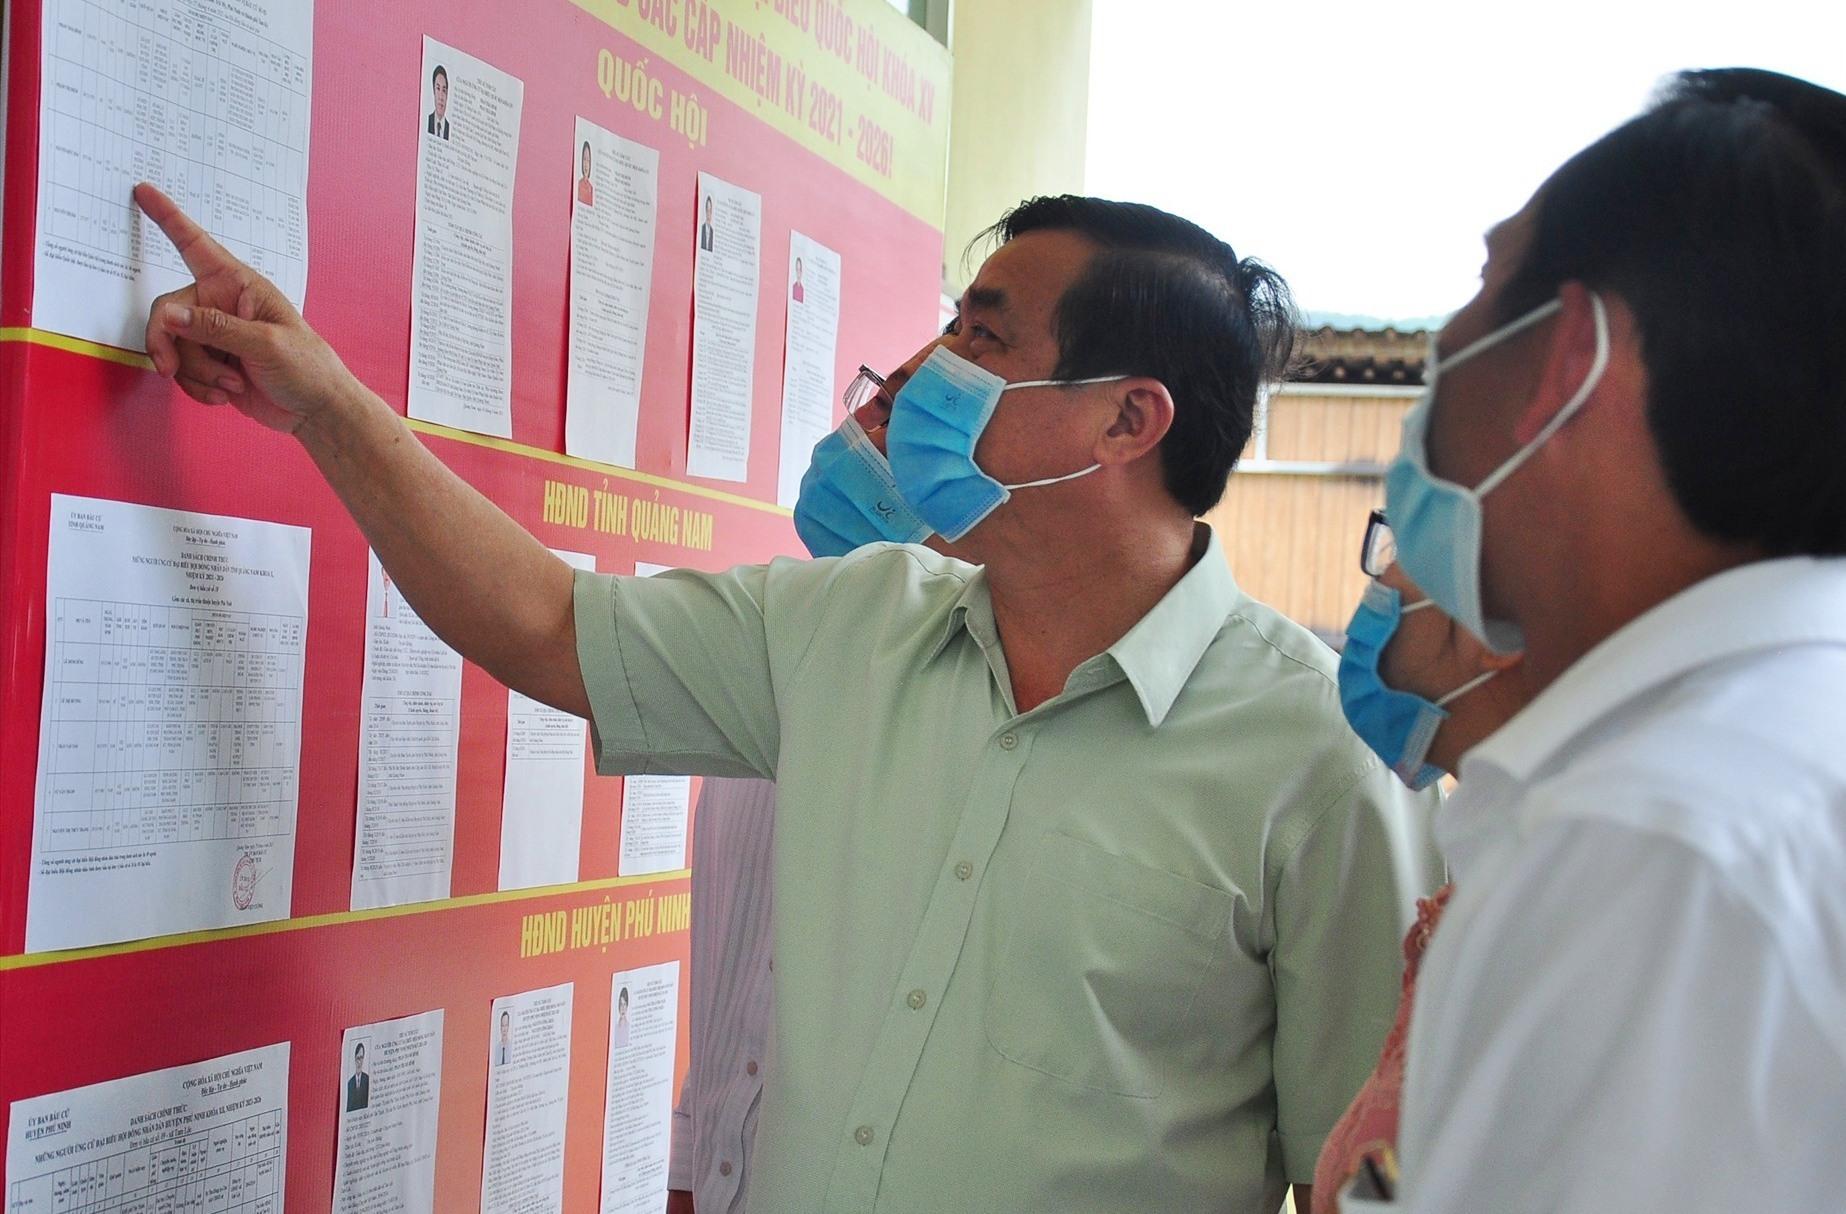 Bí thư Tỉnh ủy Phan Việt Cường kiểm tra việc niêm yết danh sách cử tri tại khu vực bỏ phiếu thôn Đại Đồng (xã Tam Lộc). Ảnh: VINH ANH